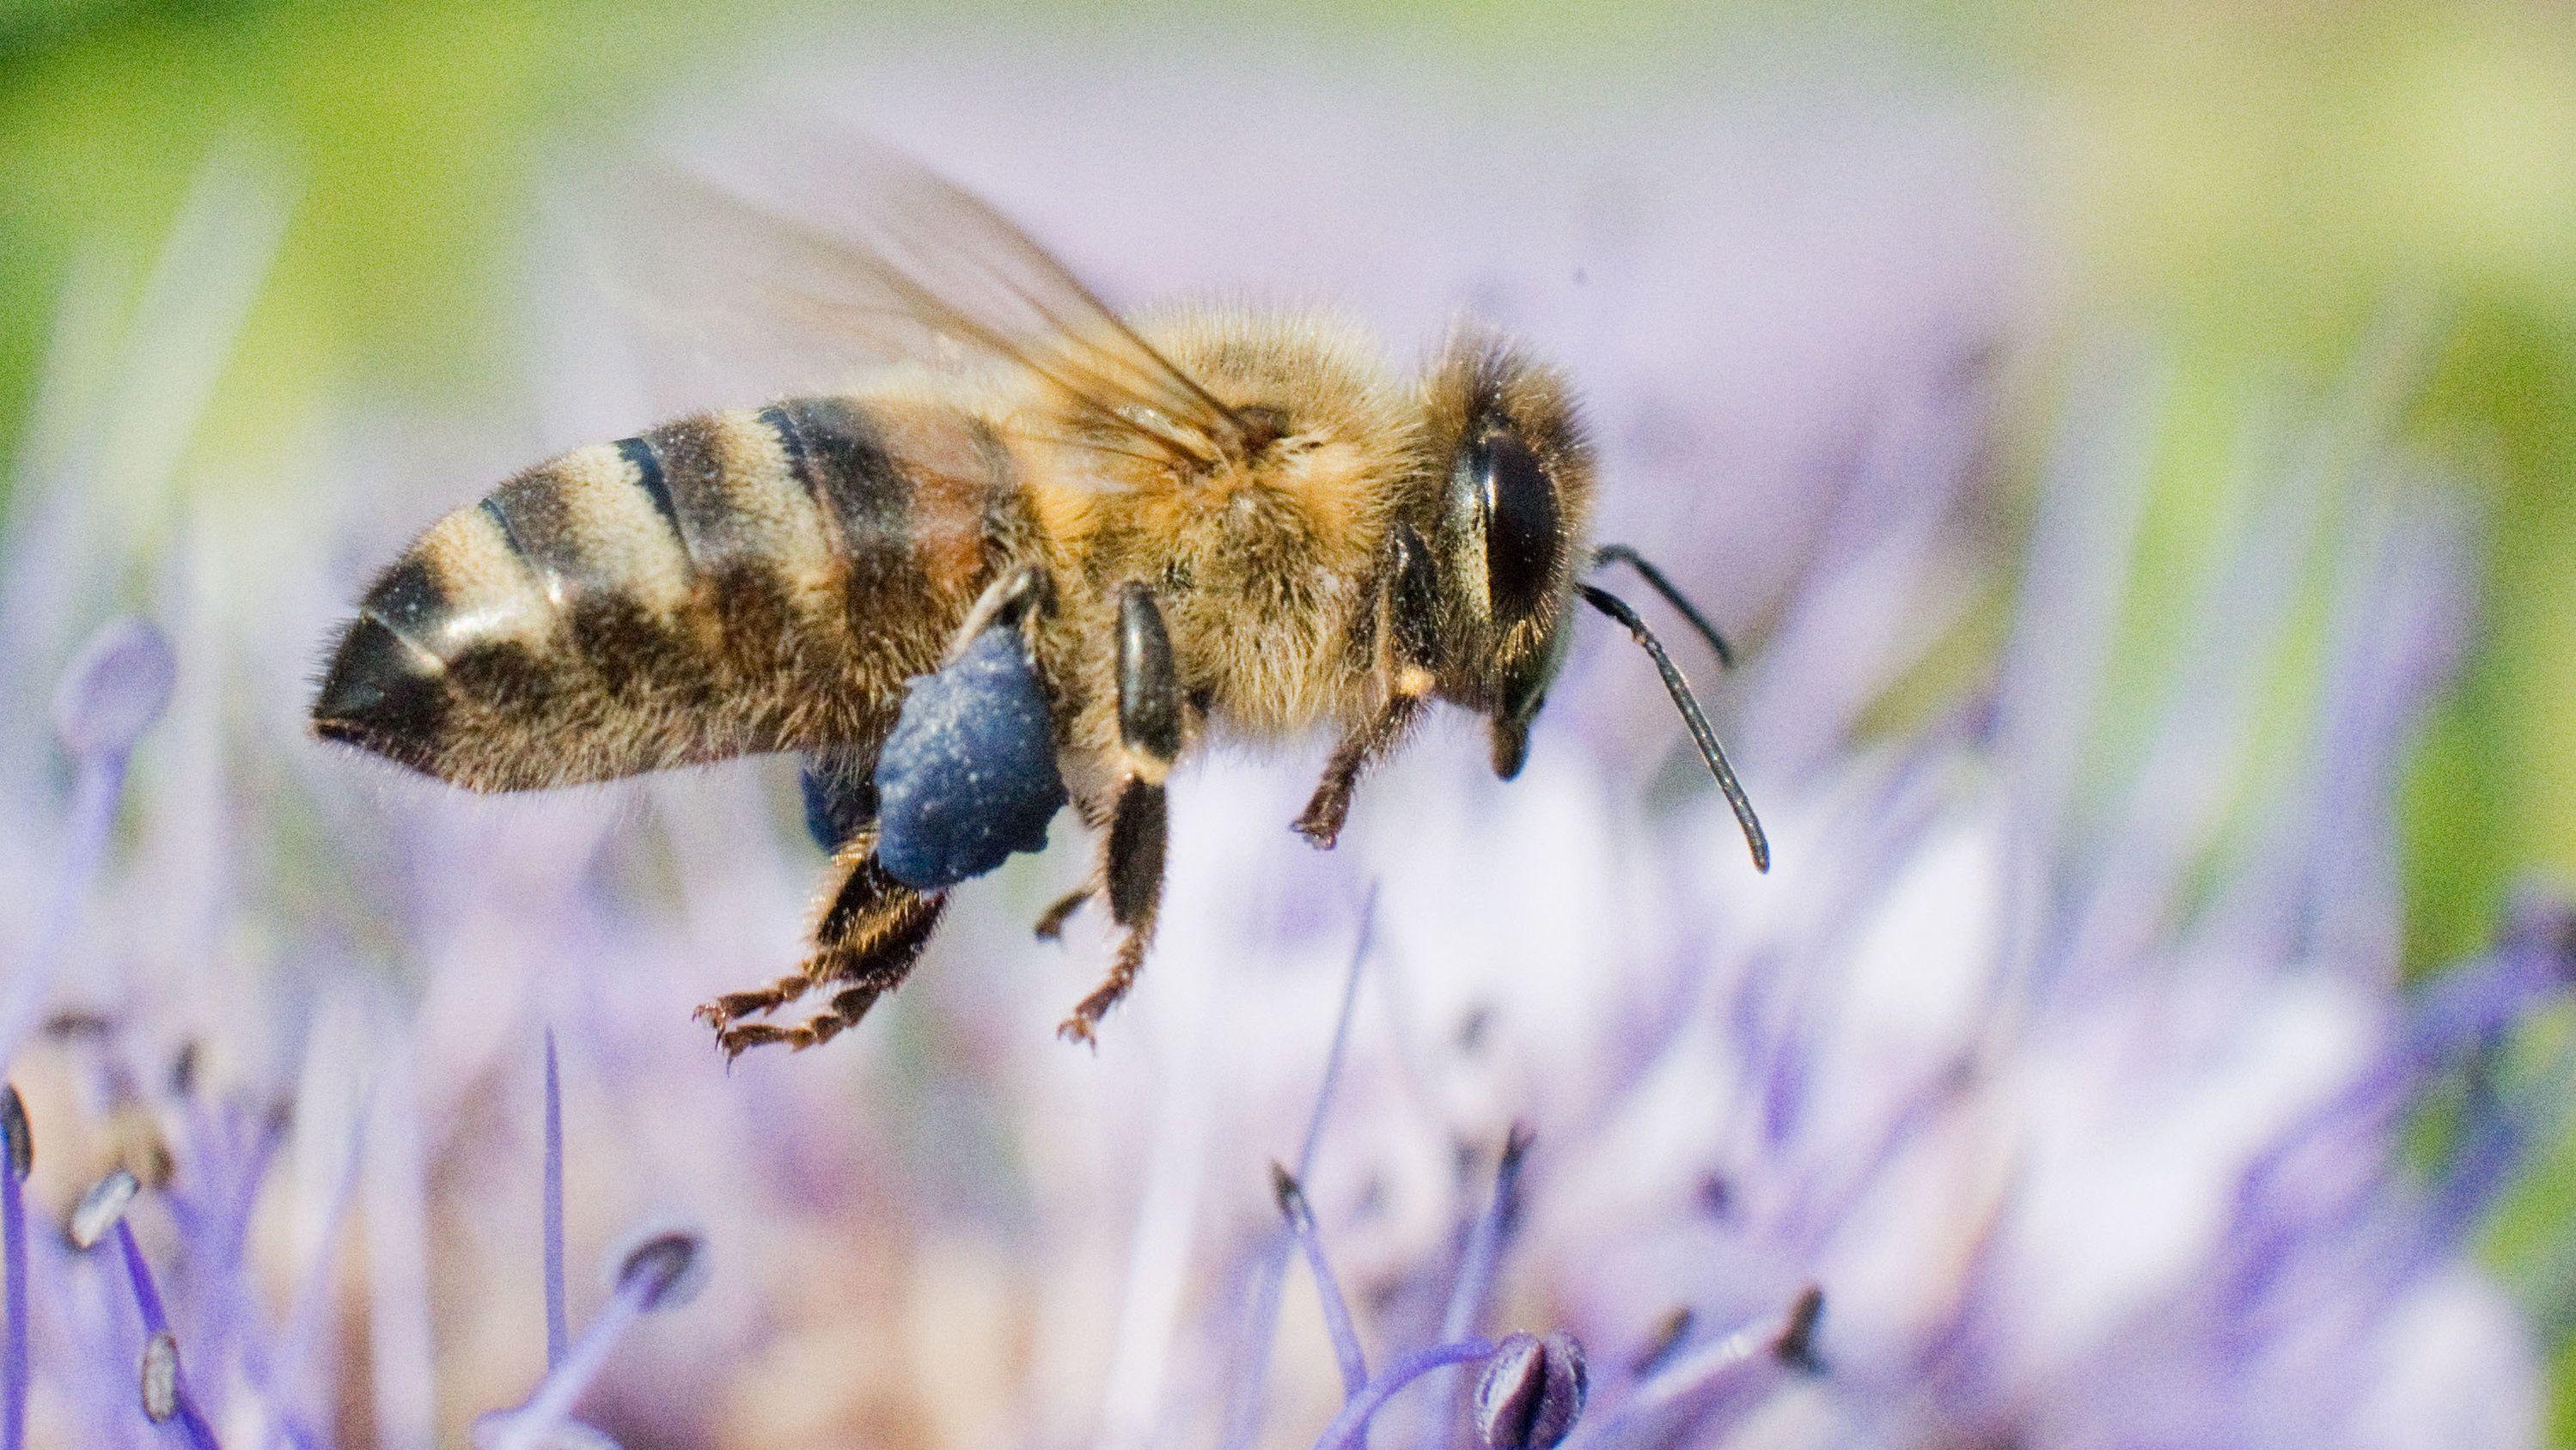 Eine Biene fliegt über eine Blüte auf einer Blumenweide.